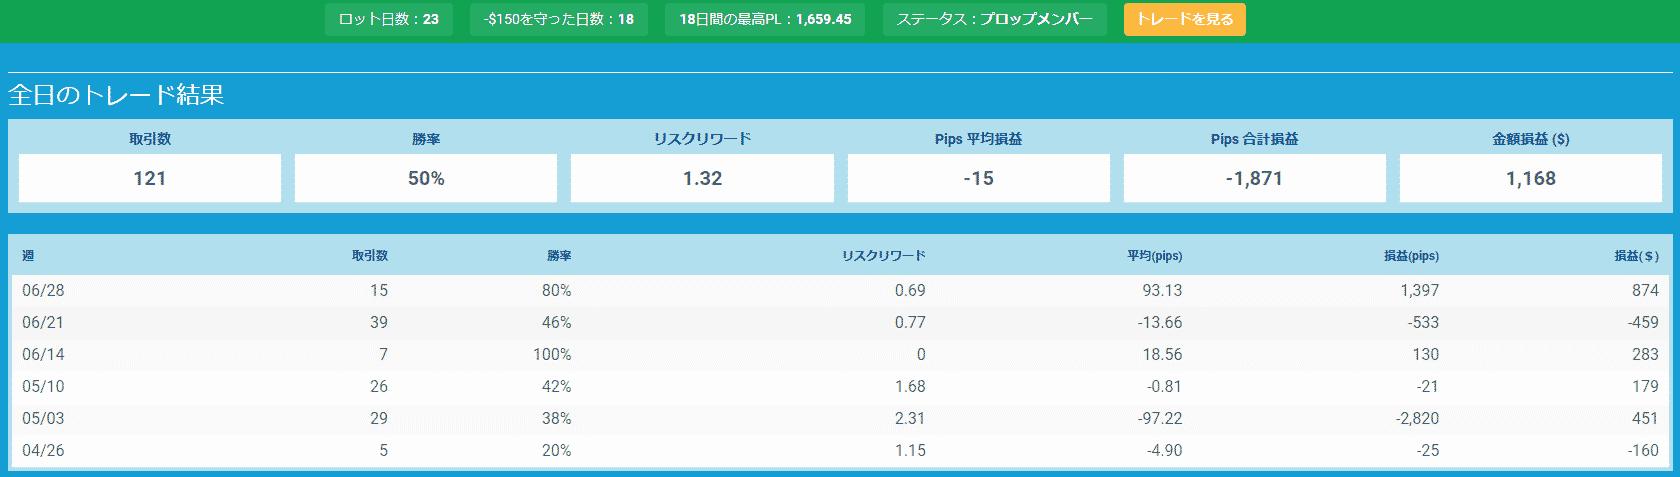 プロップトレーダーチャートGima3